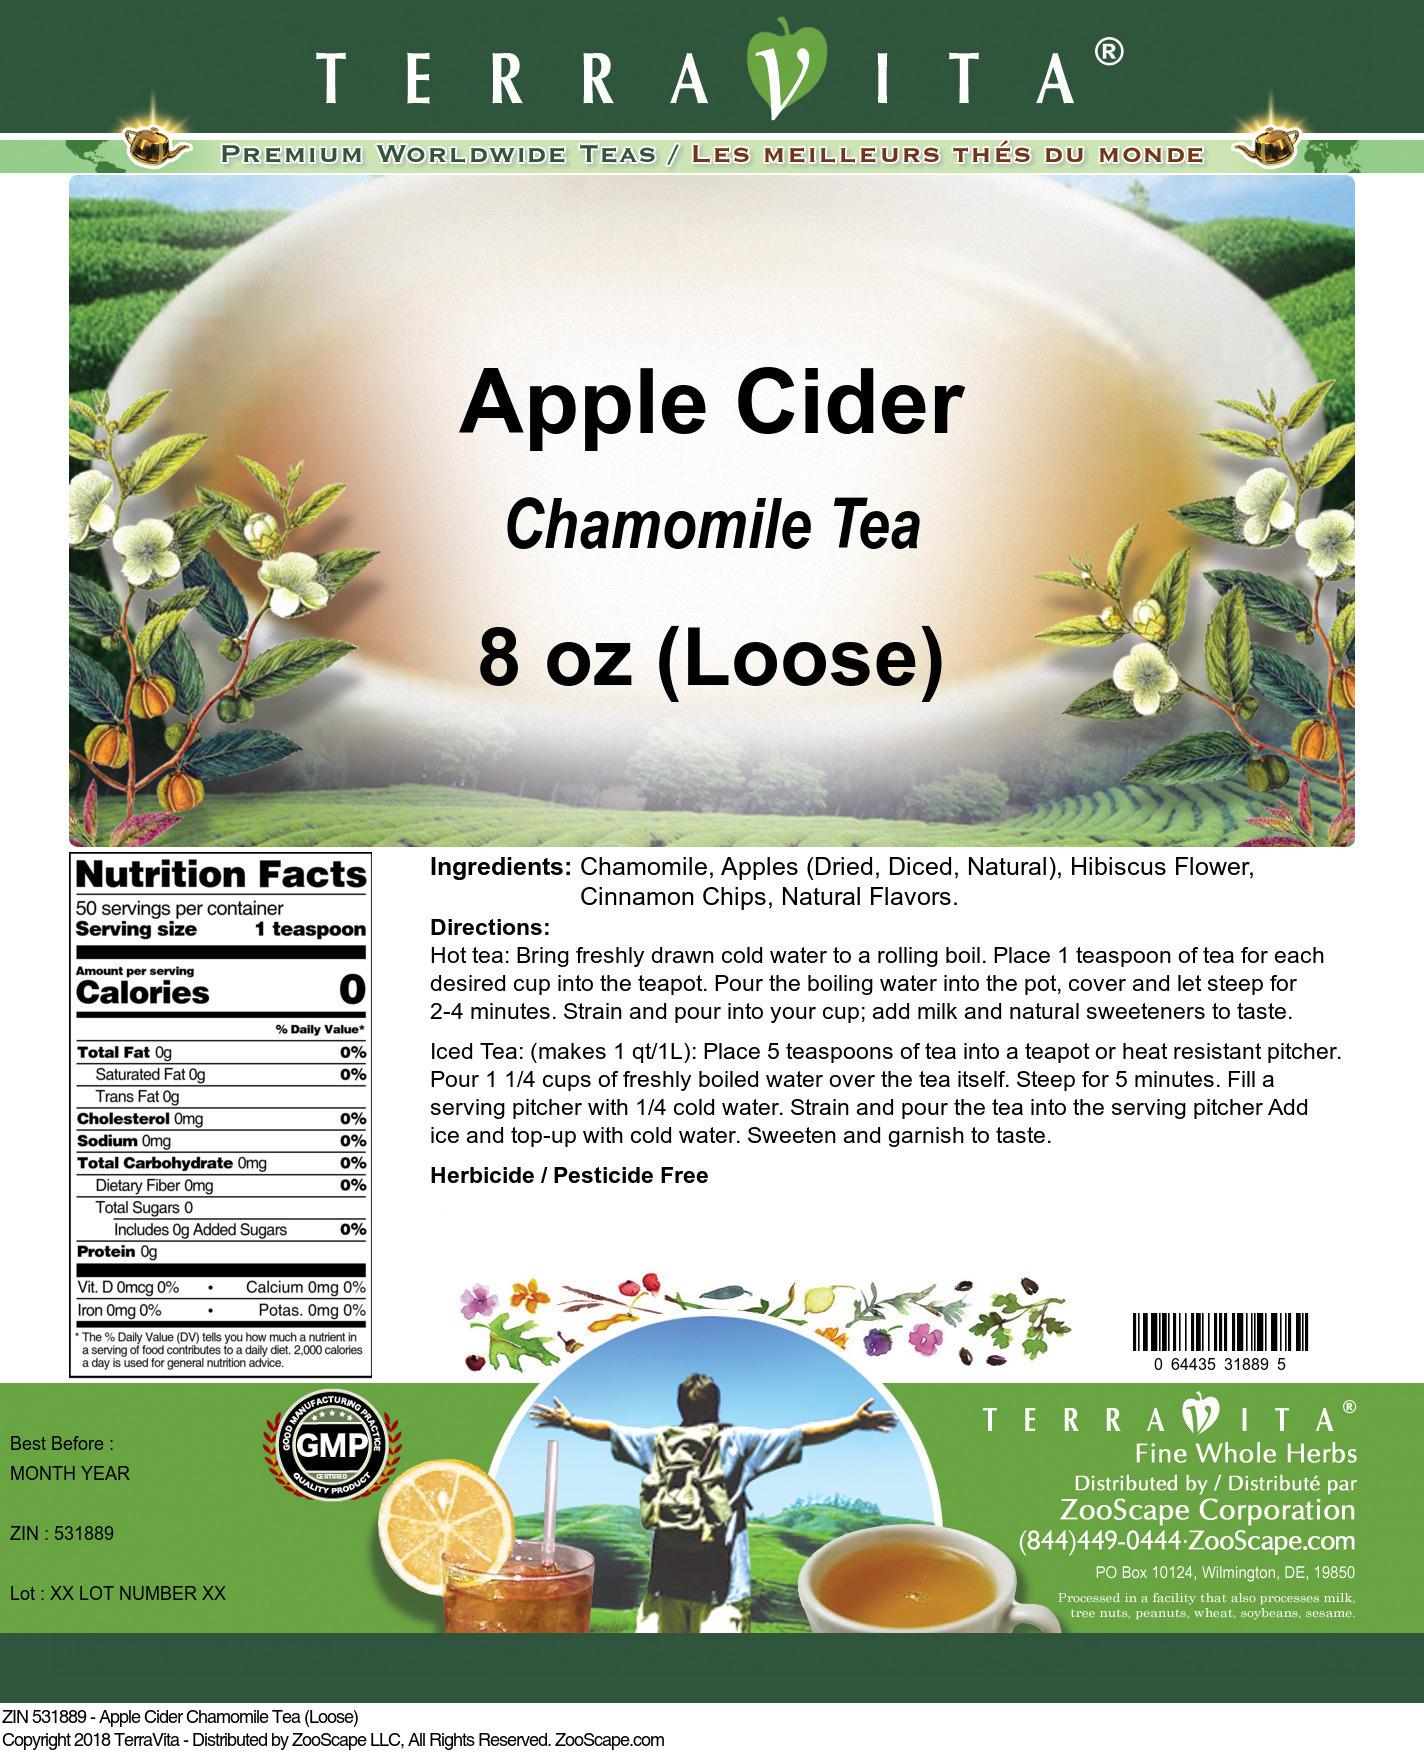 Apple Cider Chamomile Tea (Loose)